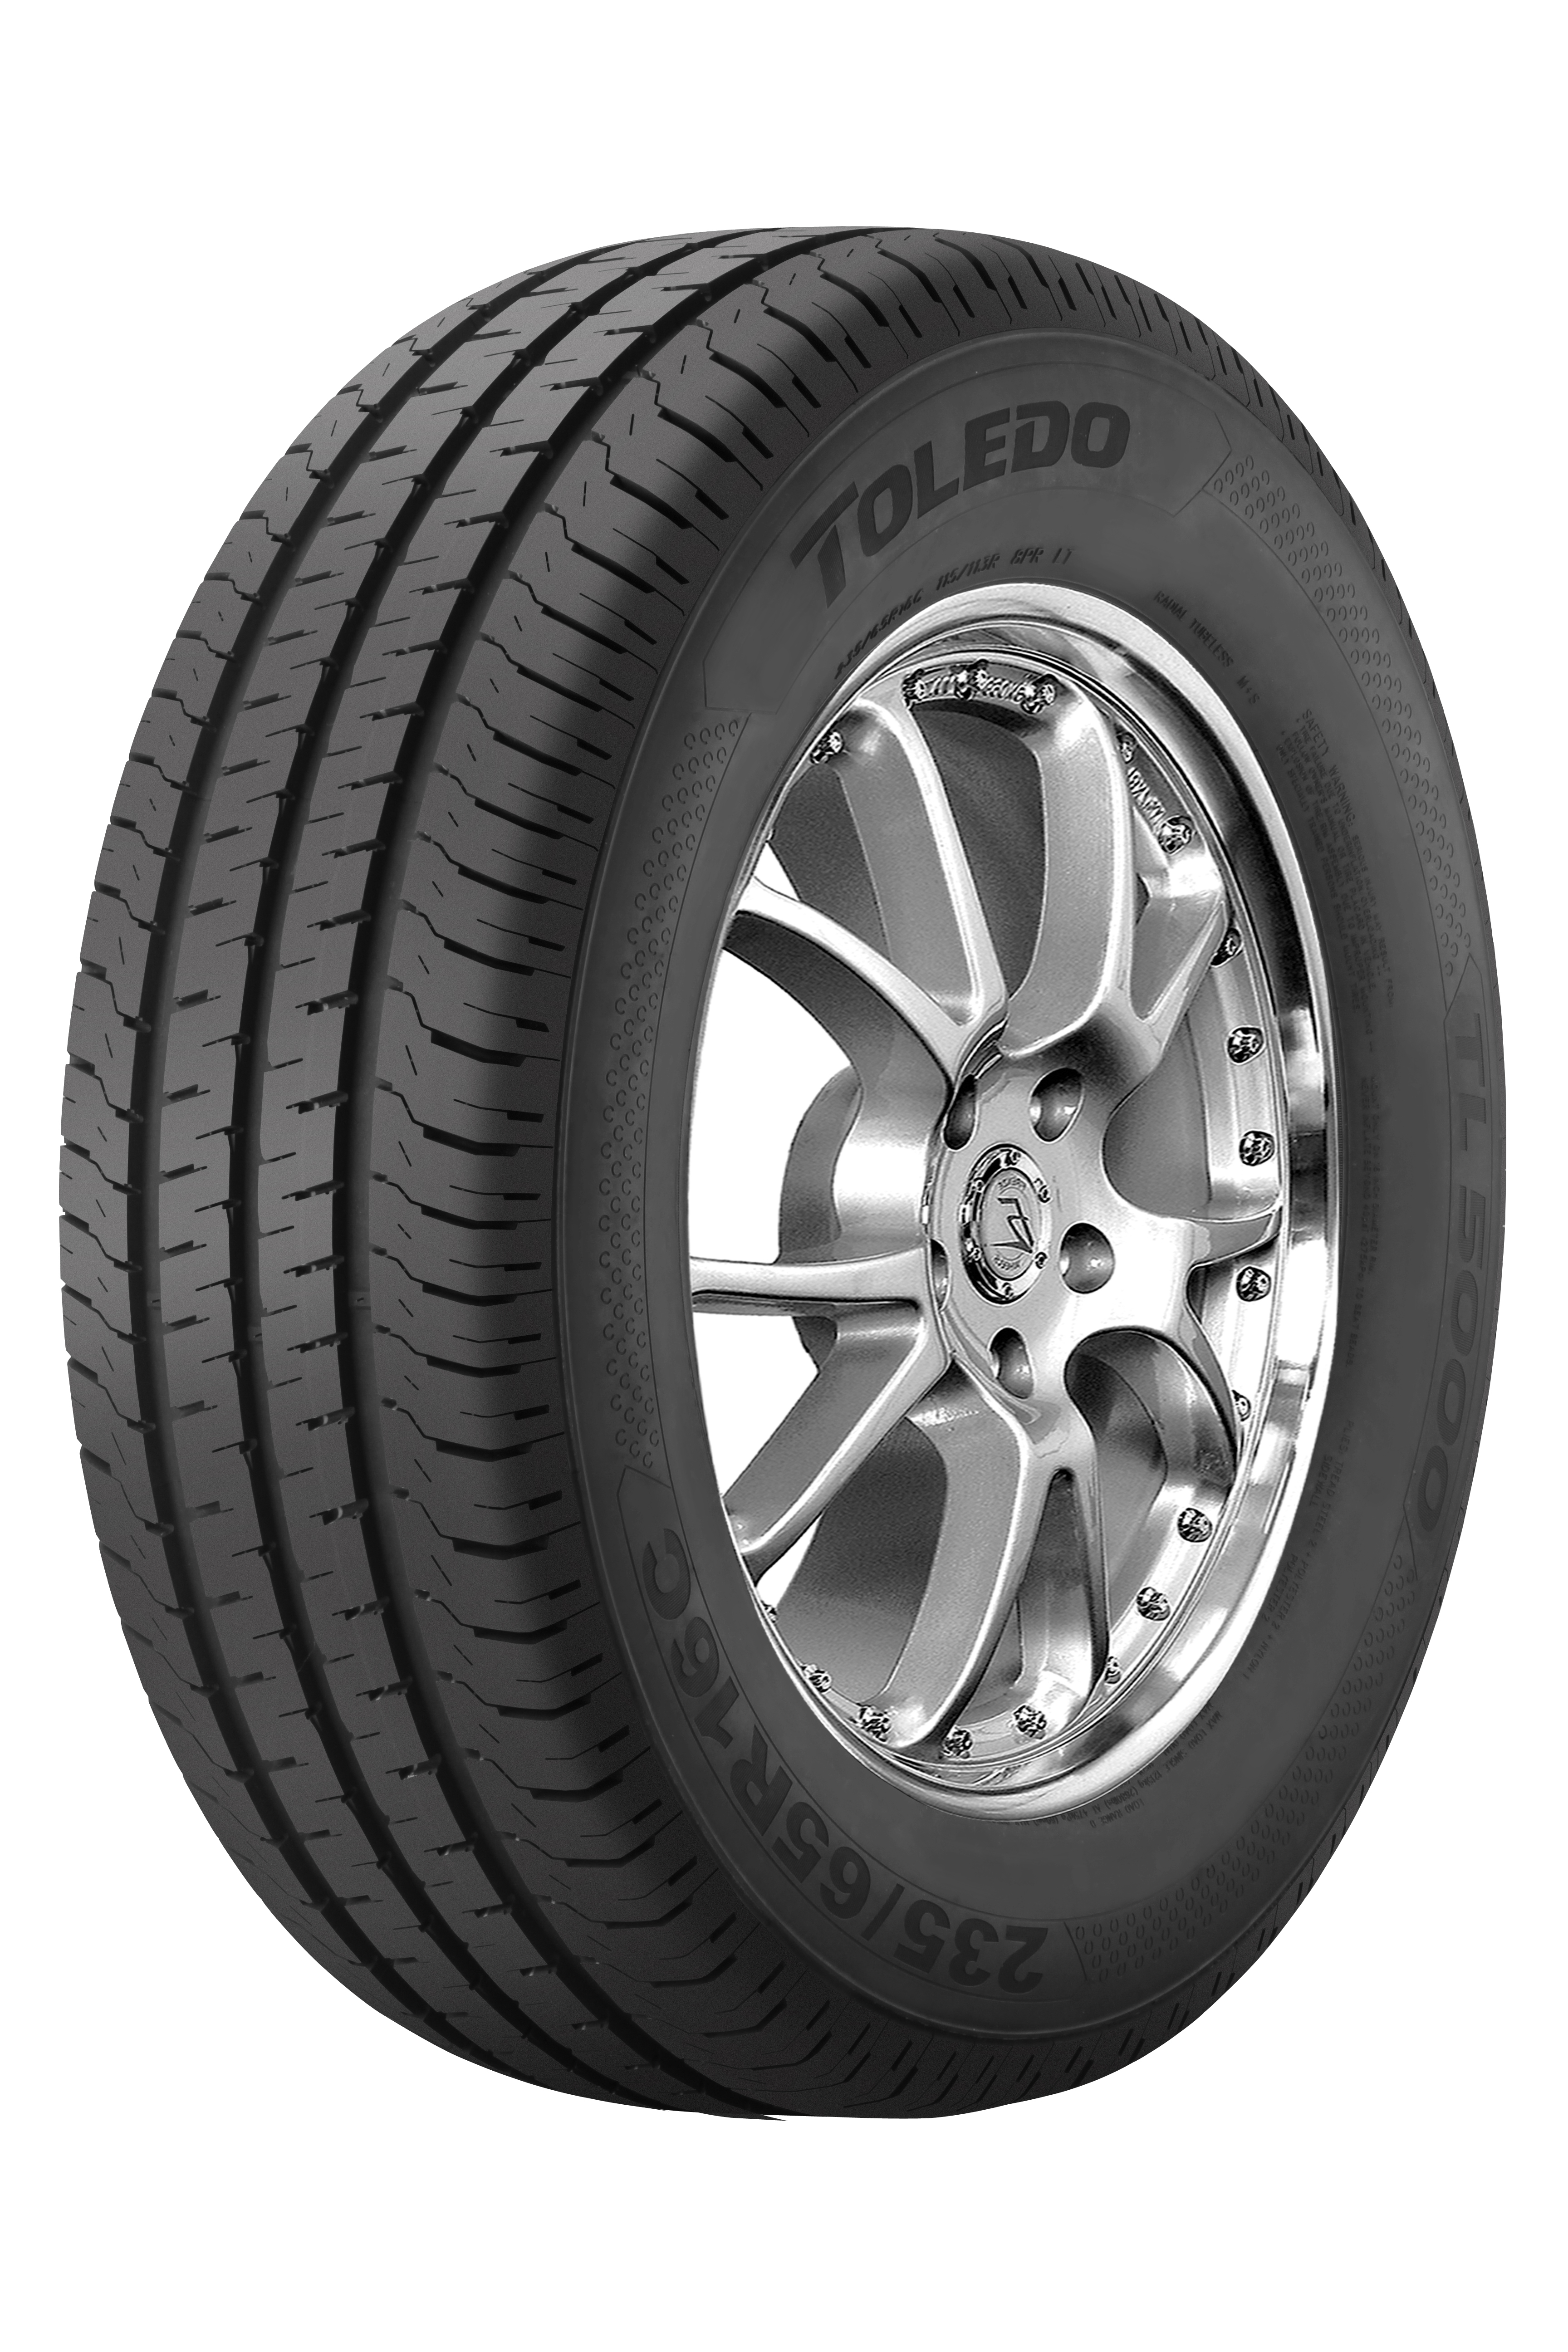 Summer Tyre TOLEDO TL5000 195/70R15 104/102 R